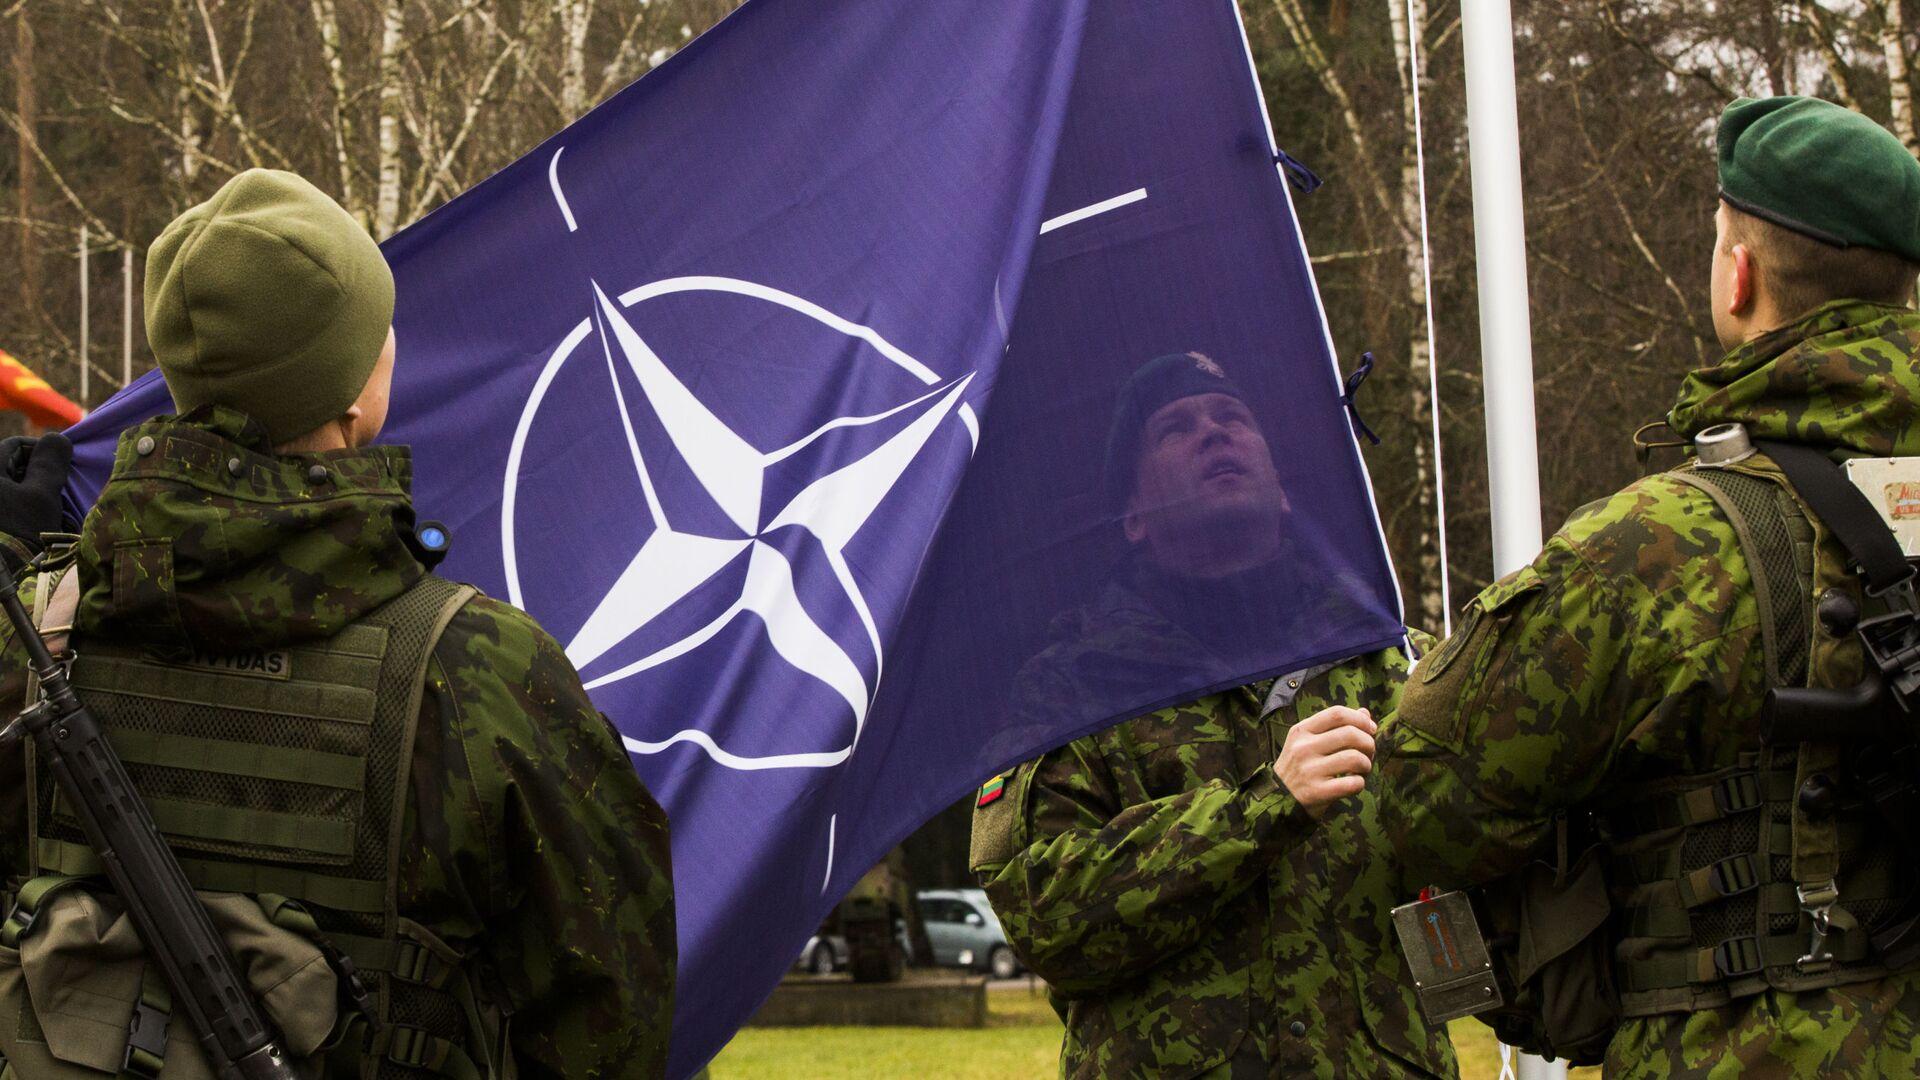 Военнослужащие поднимают флаг НАТО - РИА Новости, 1920, 17.06.2020